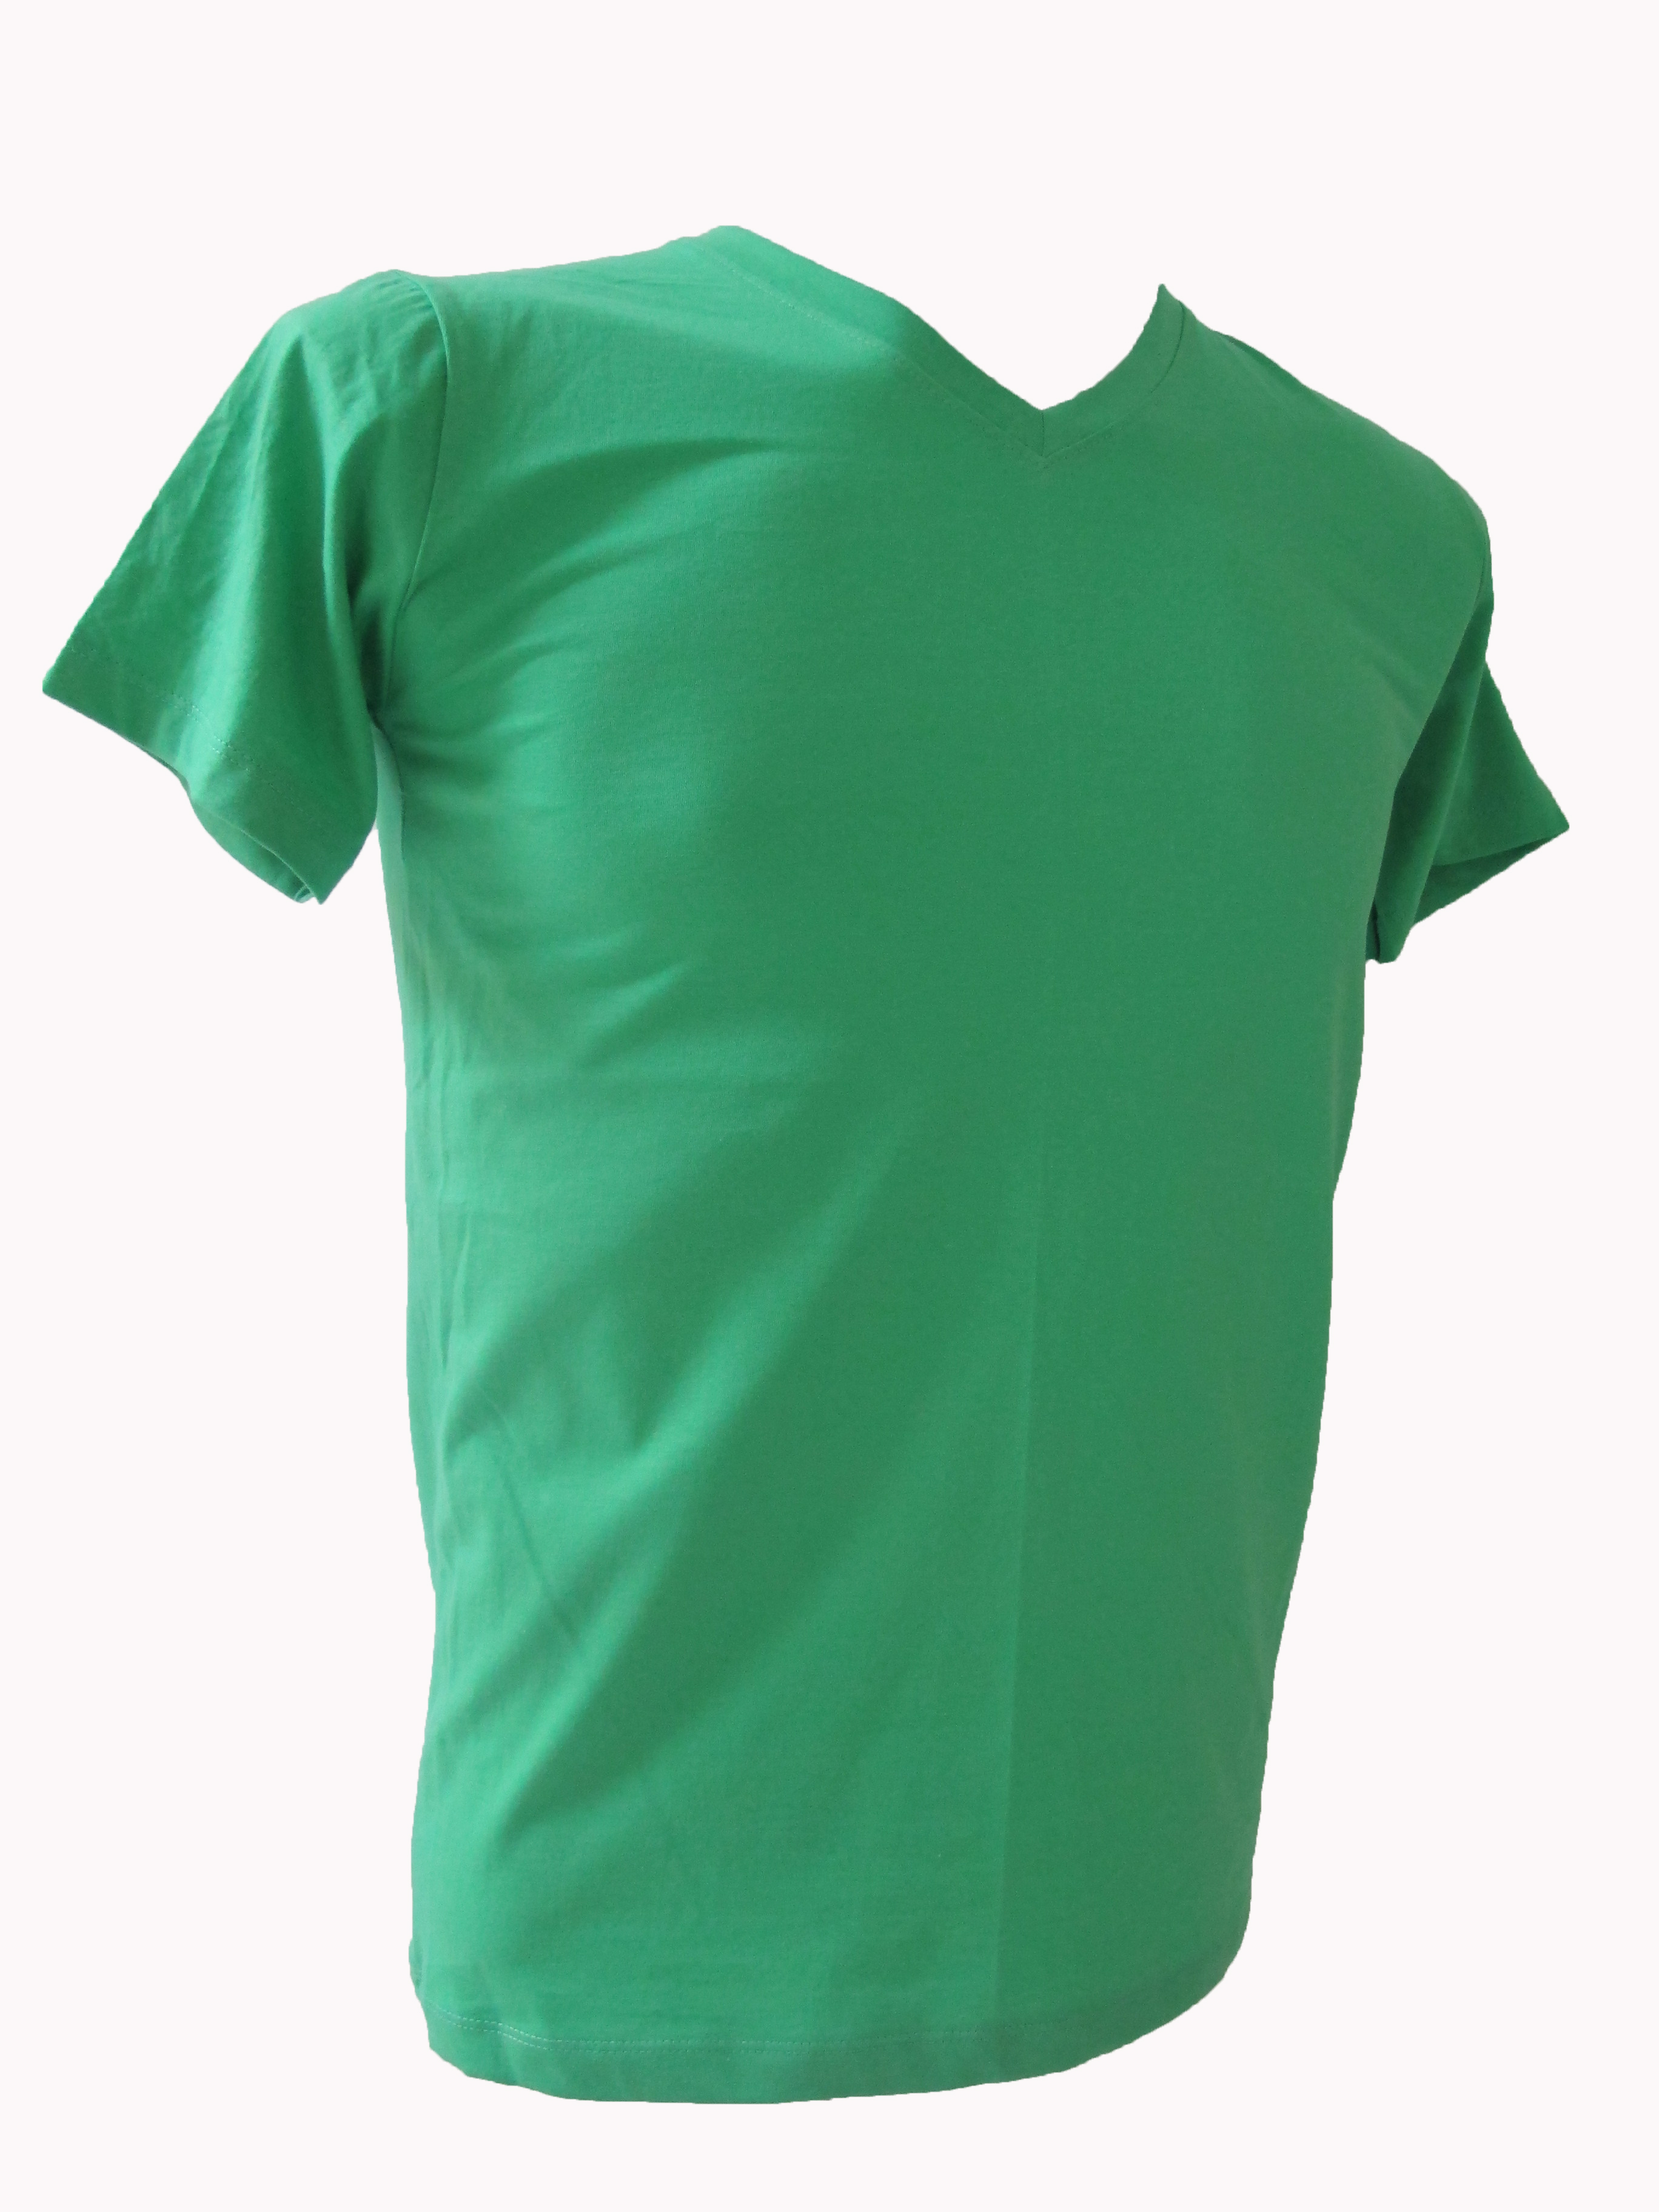 COTTON100% เบอร์32 เสื้อยืดแขนสั้น คอวี สีเขียวมิ้น